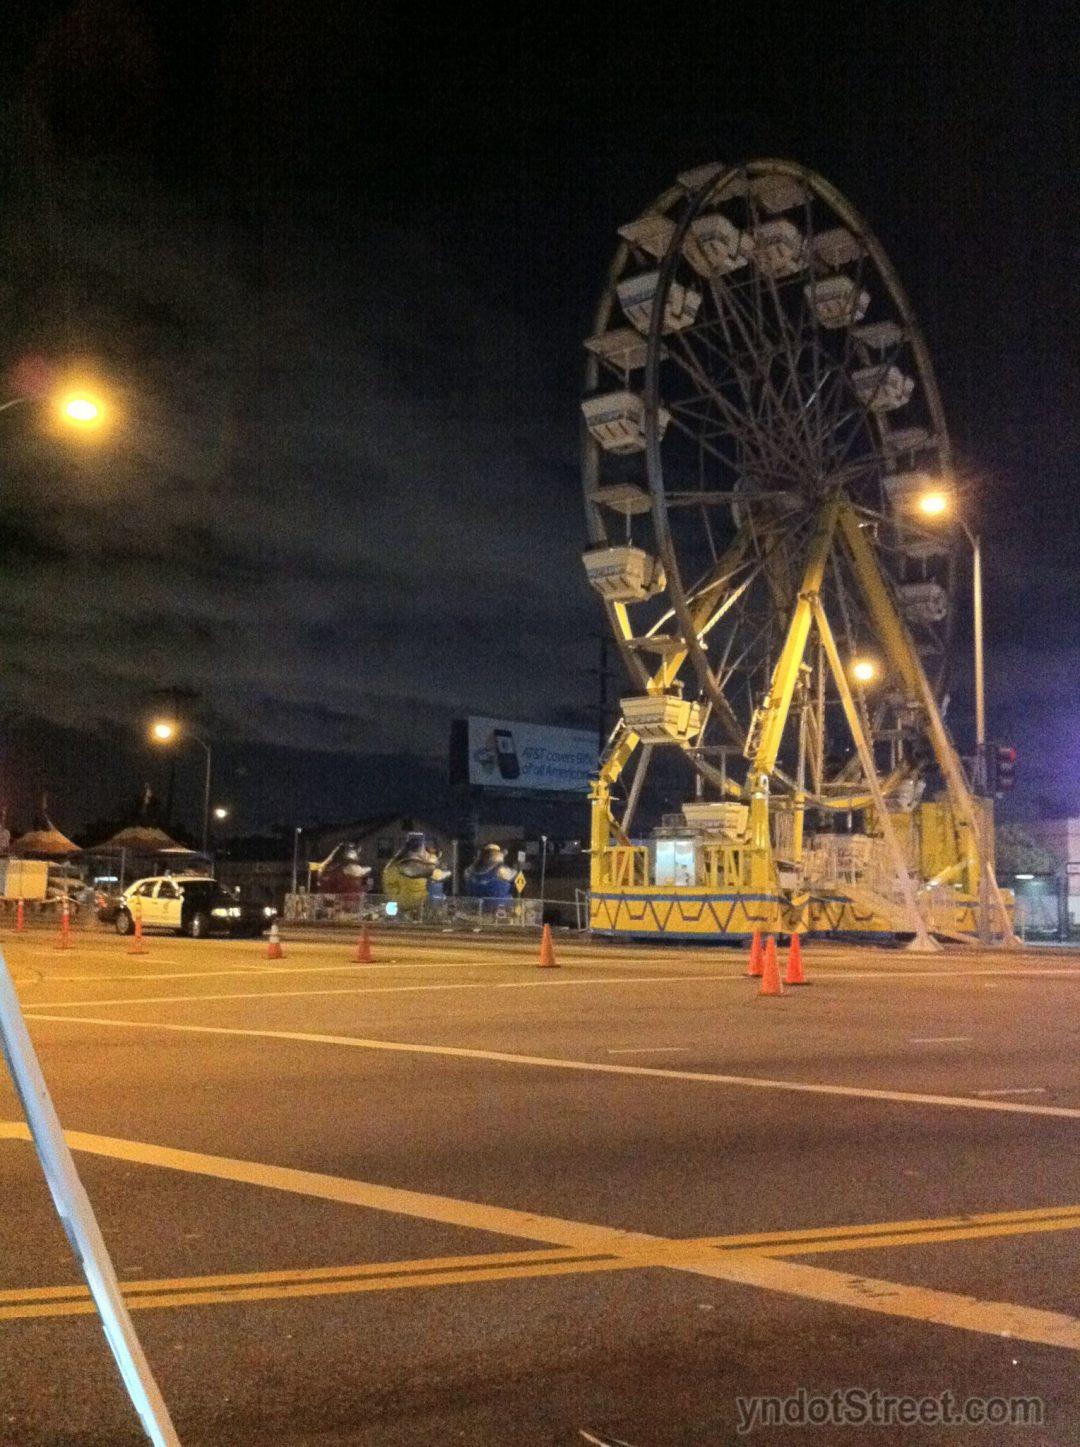 LA BREA STREET CARNIVAL (Los Angeles)